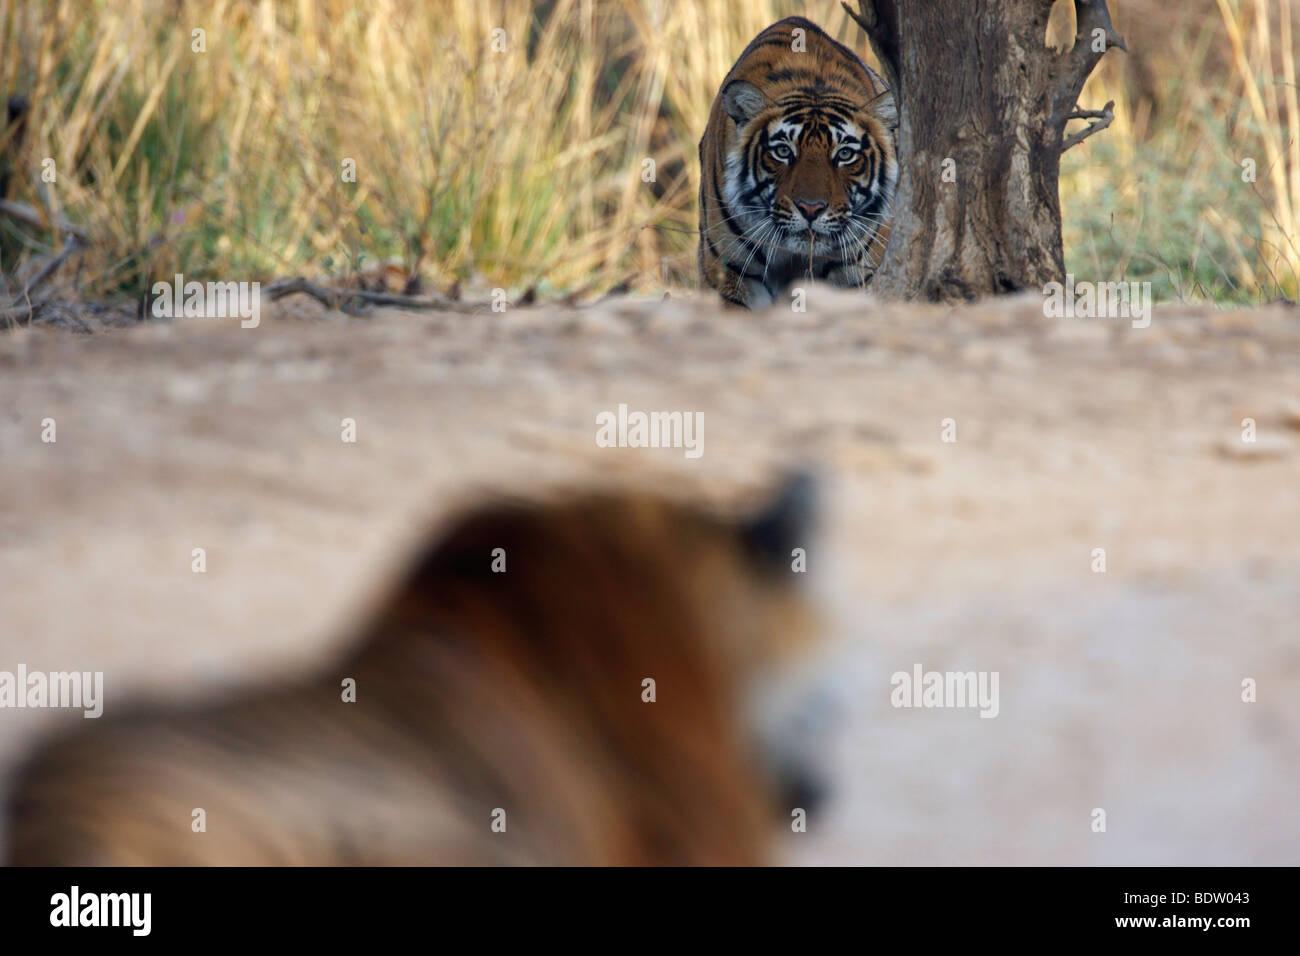 indischer tiger, koenigstiger, panthera tigris tigris, indien, asien, royal bengal tiger, india, asia - Stock Image